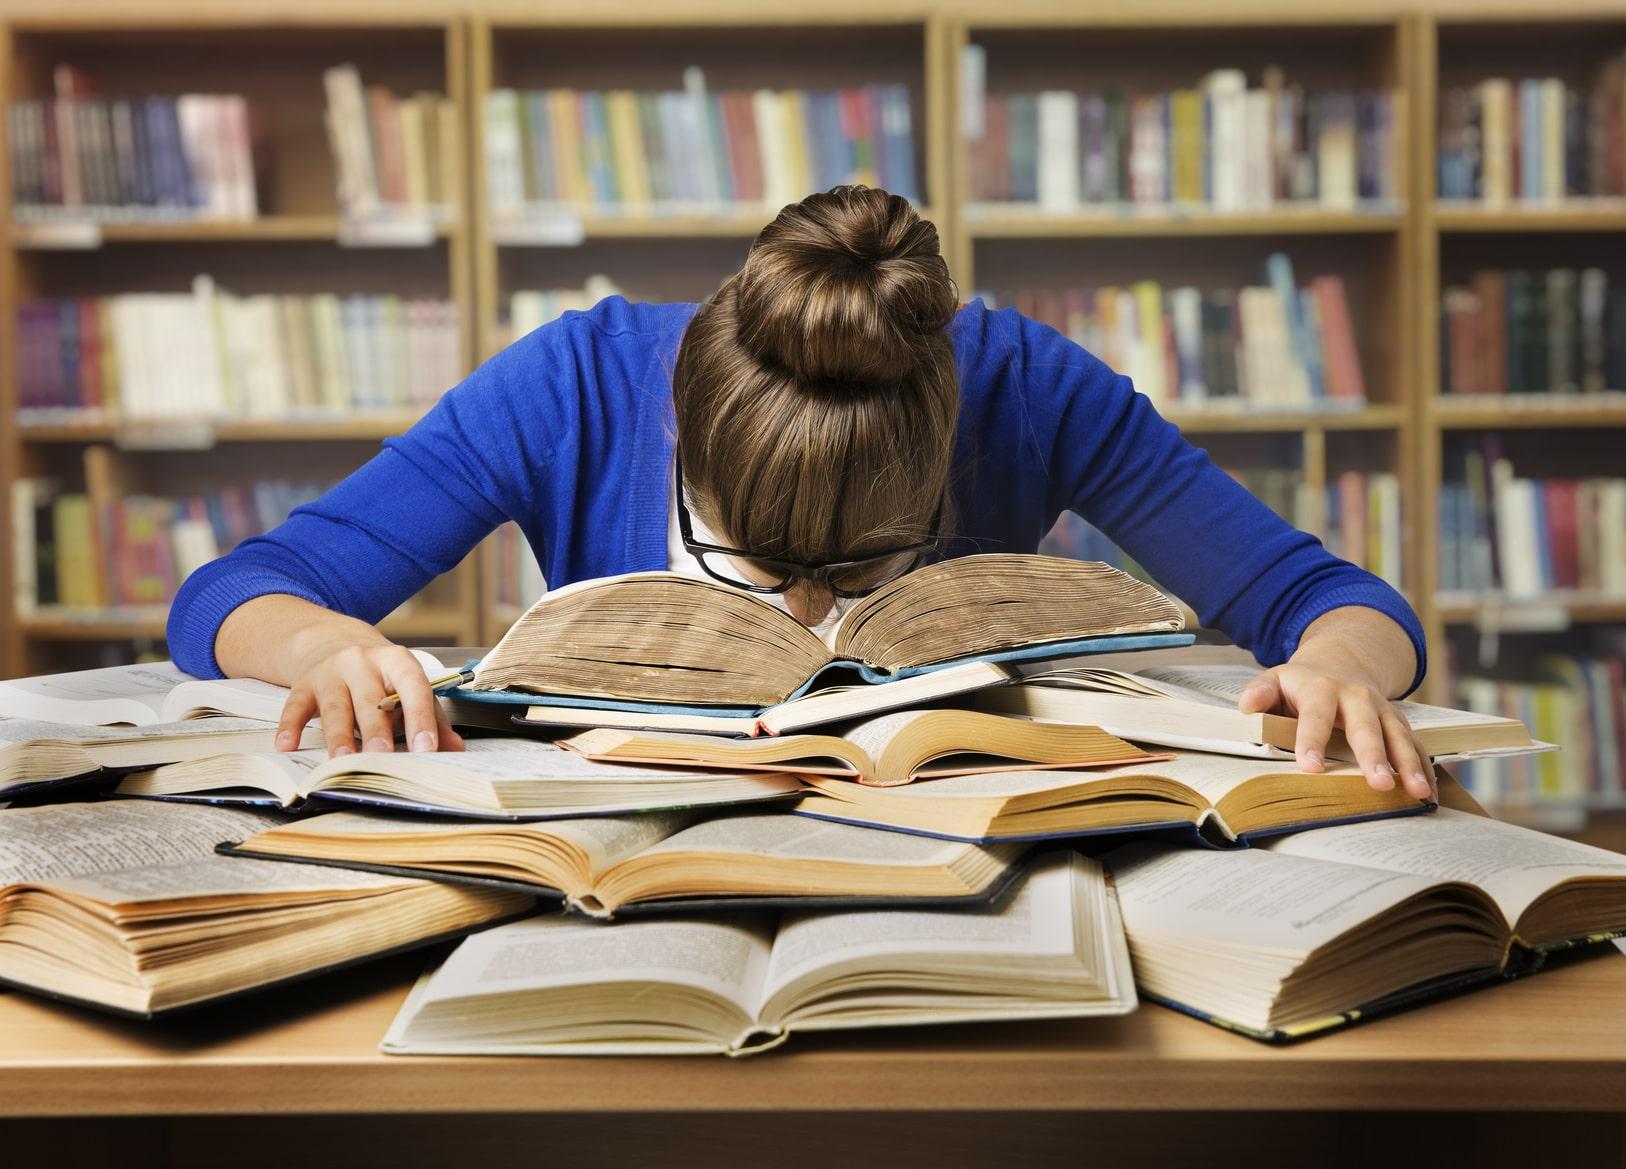 Quand la revue de littérature vous désespère